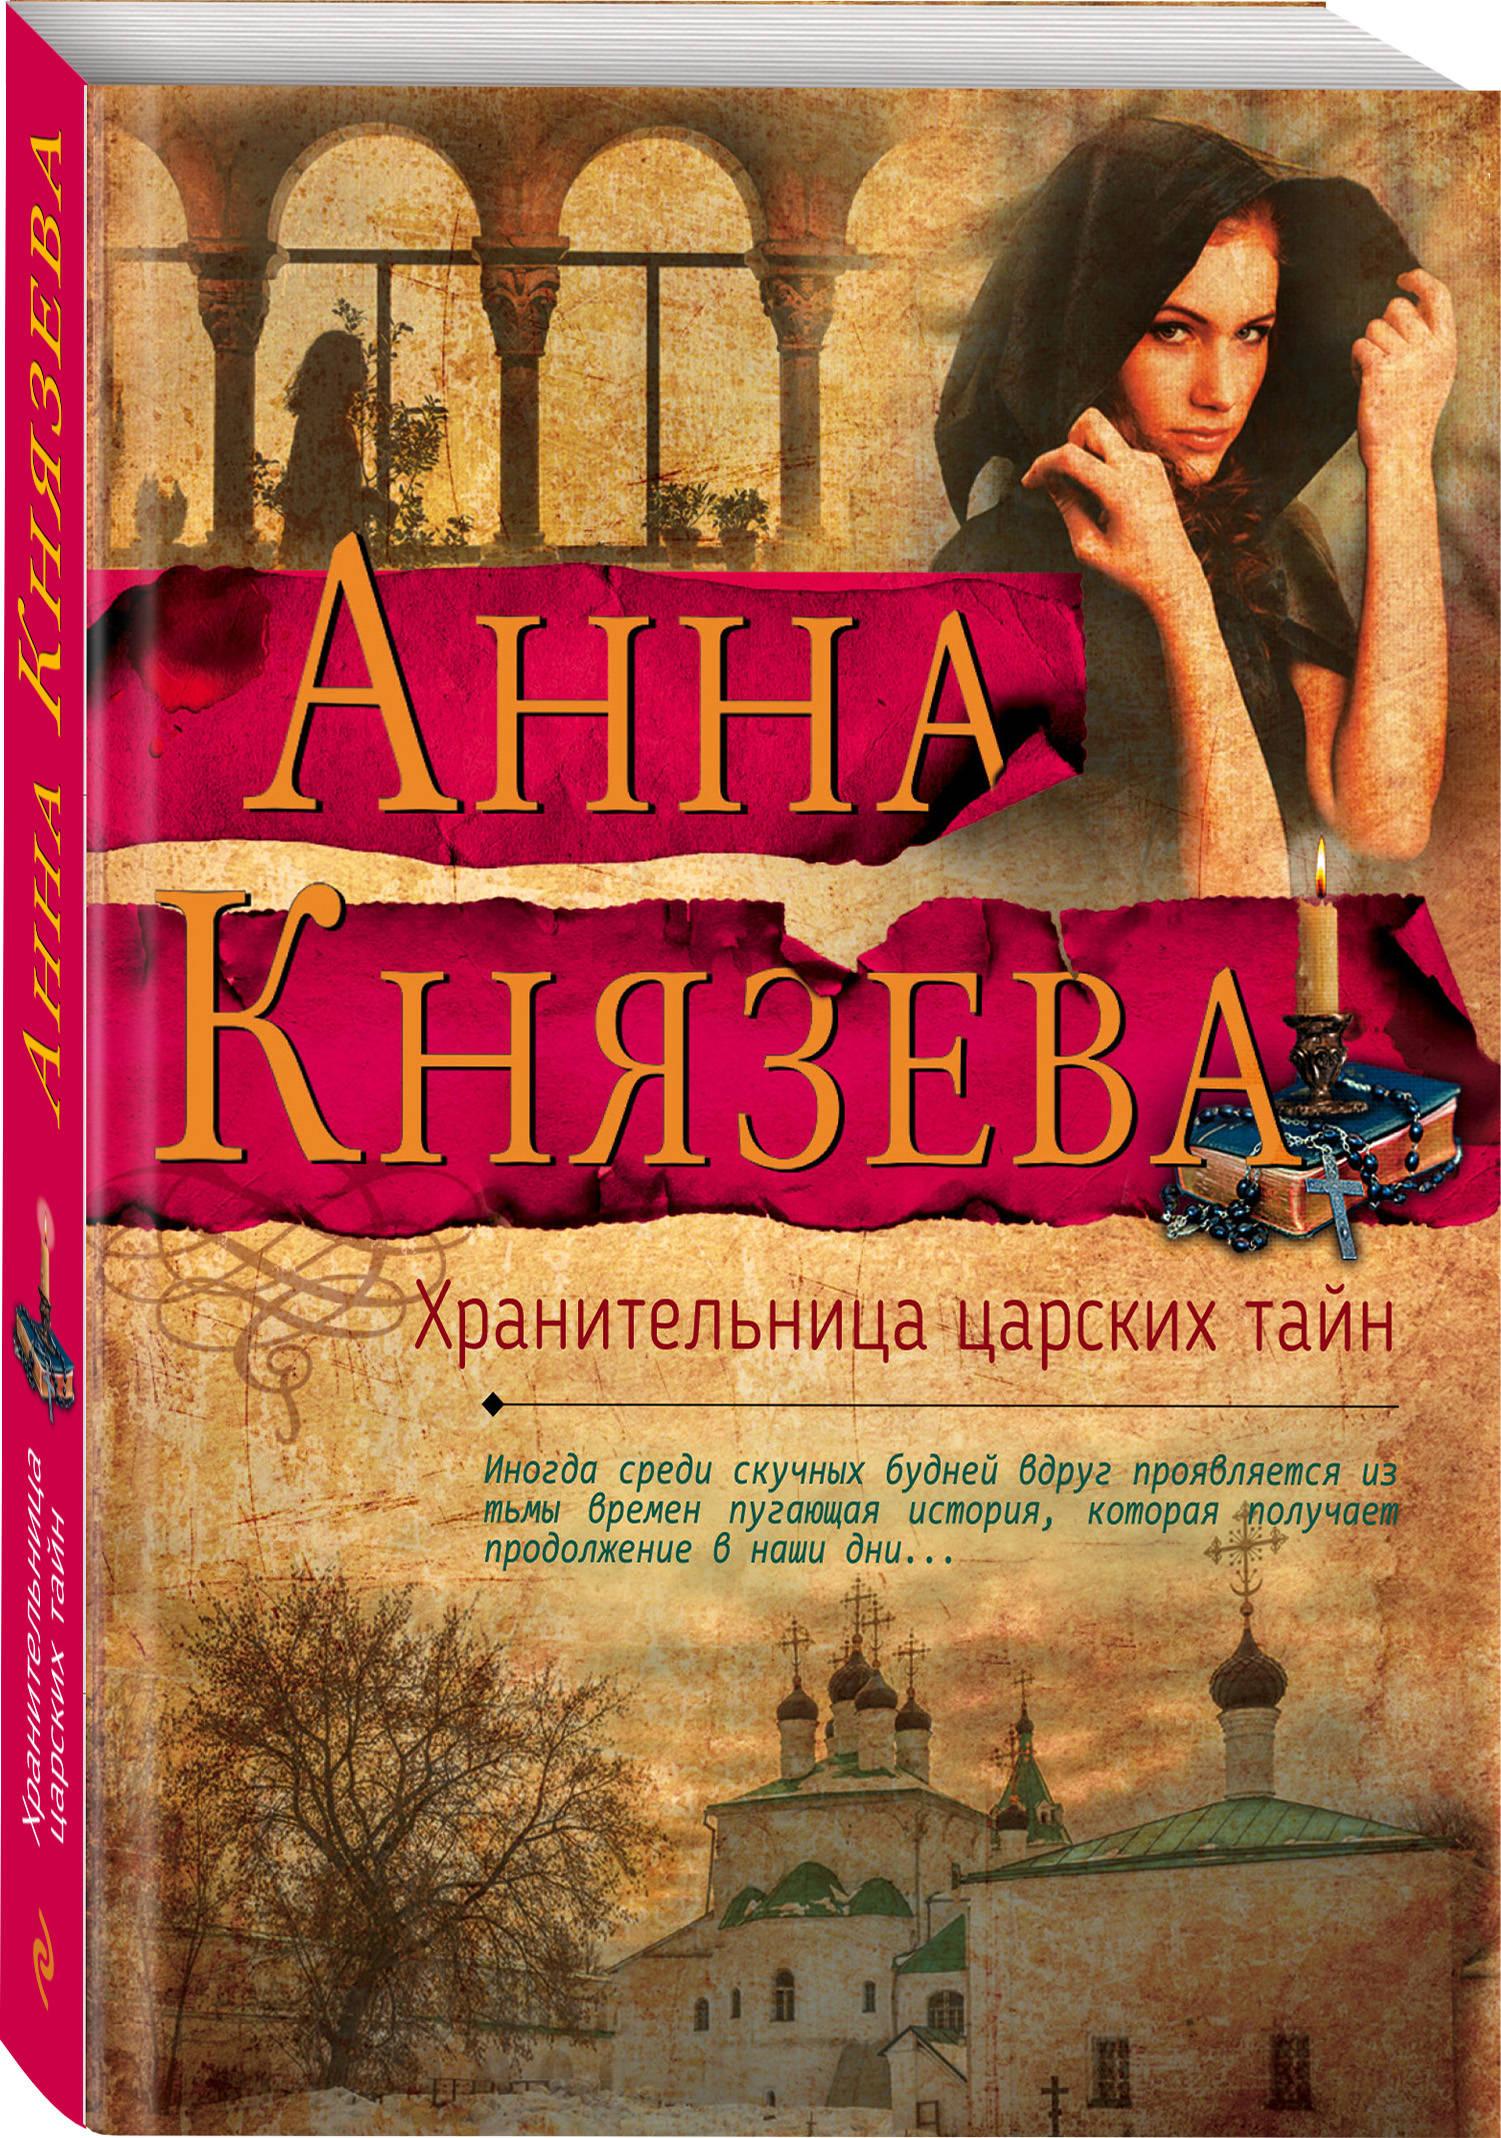 Анна Князева Хранительница царских тайн князева а хранительница царских тайн